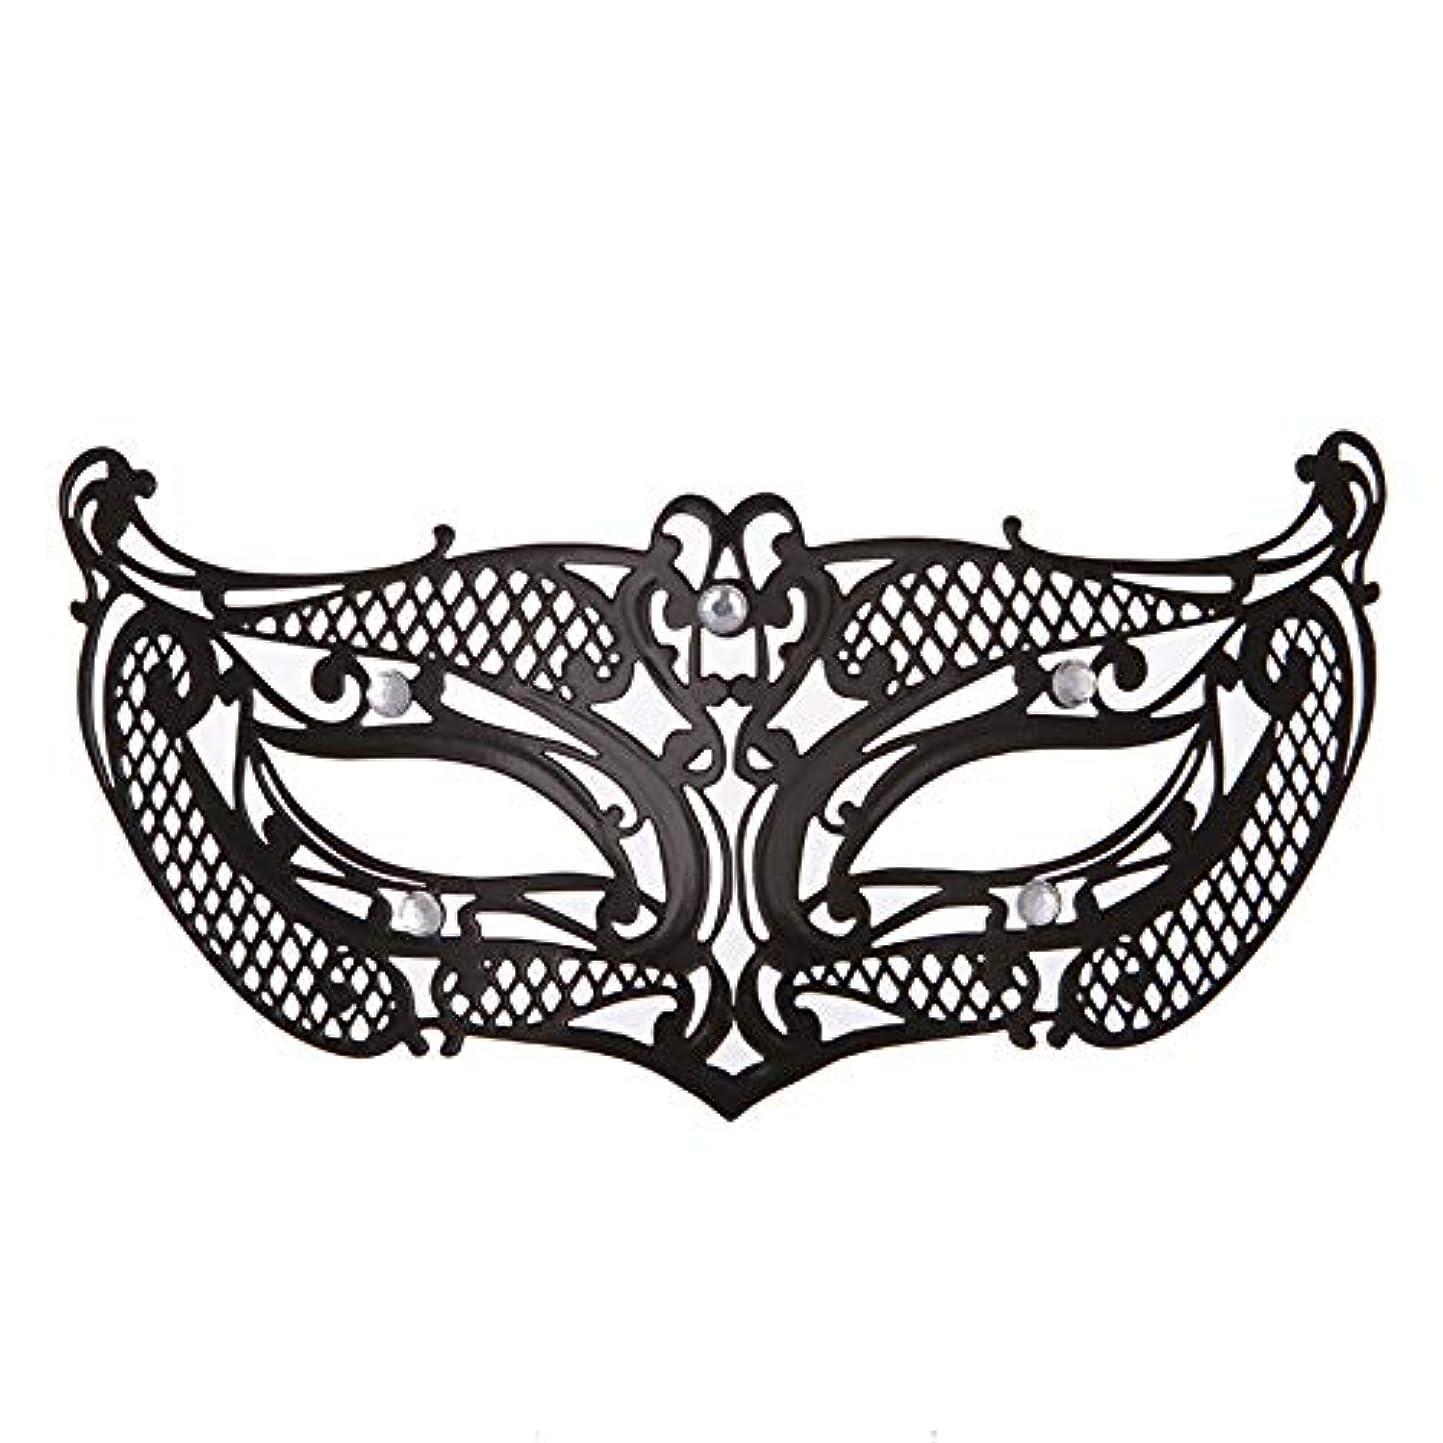 最初に集める仲良しダンスマスク アイアンメタリックレースとダイヤモンドハーフマスクハロウィンダンスマスクナイトクラブボールマスクコスプレパーティーハロウィンマスク ホリデーパーティー用品 (色 : ブラック, サイズ : 19x8cm)